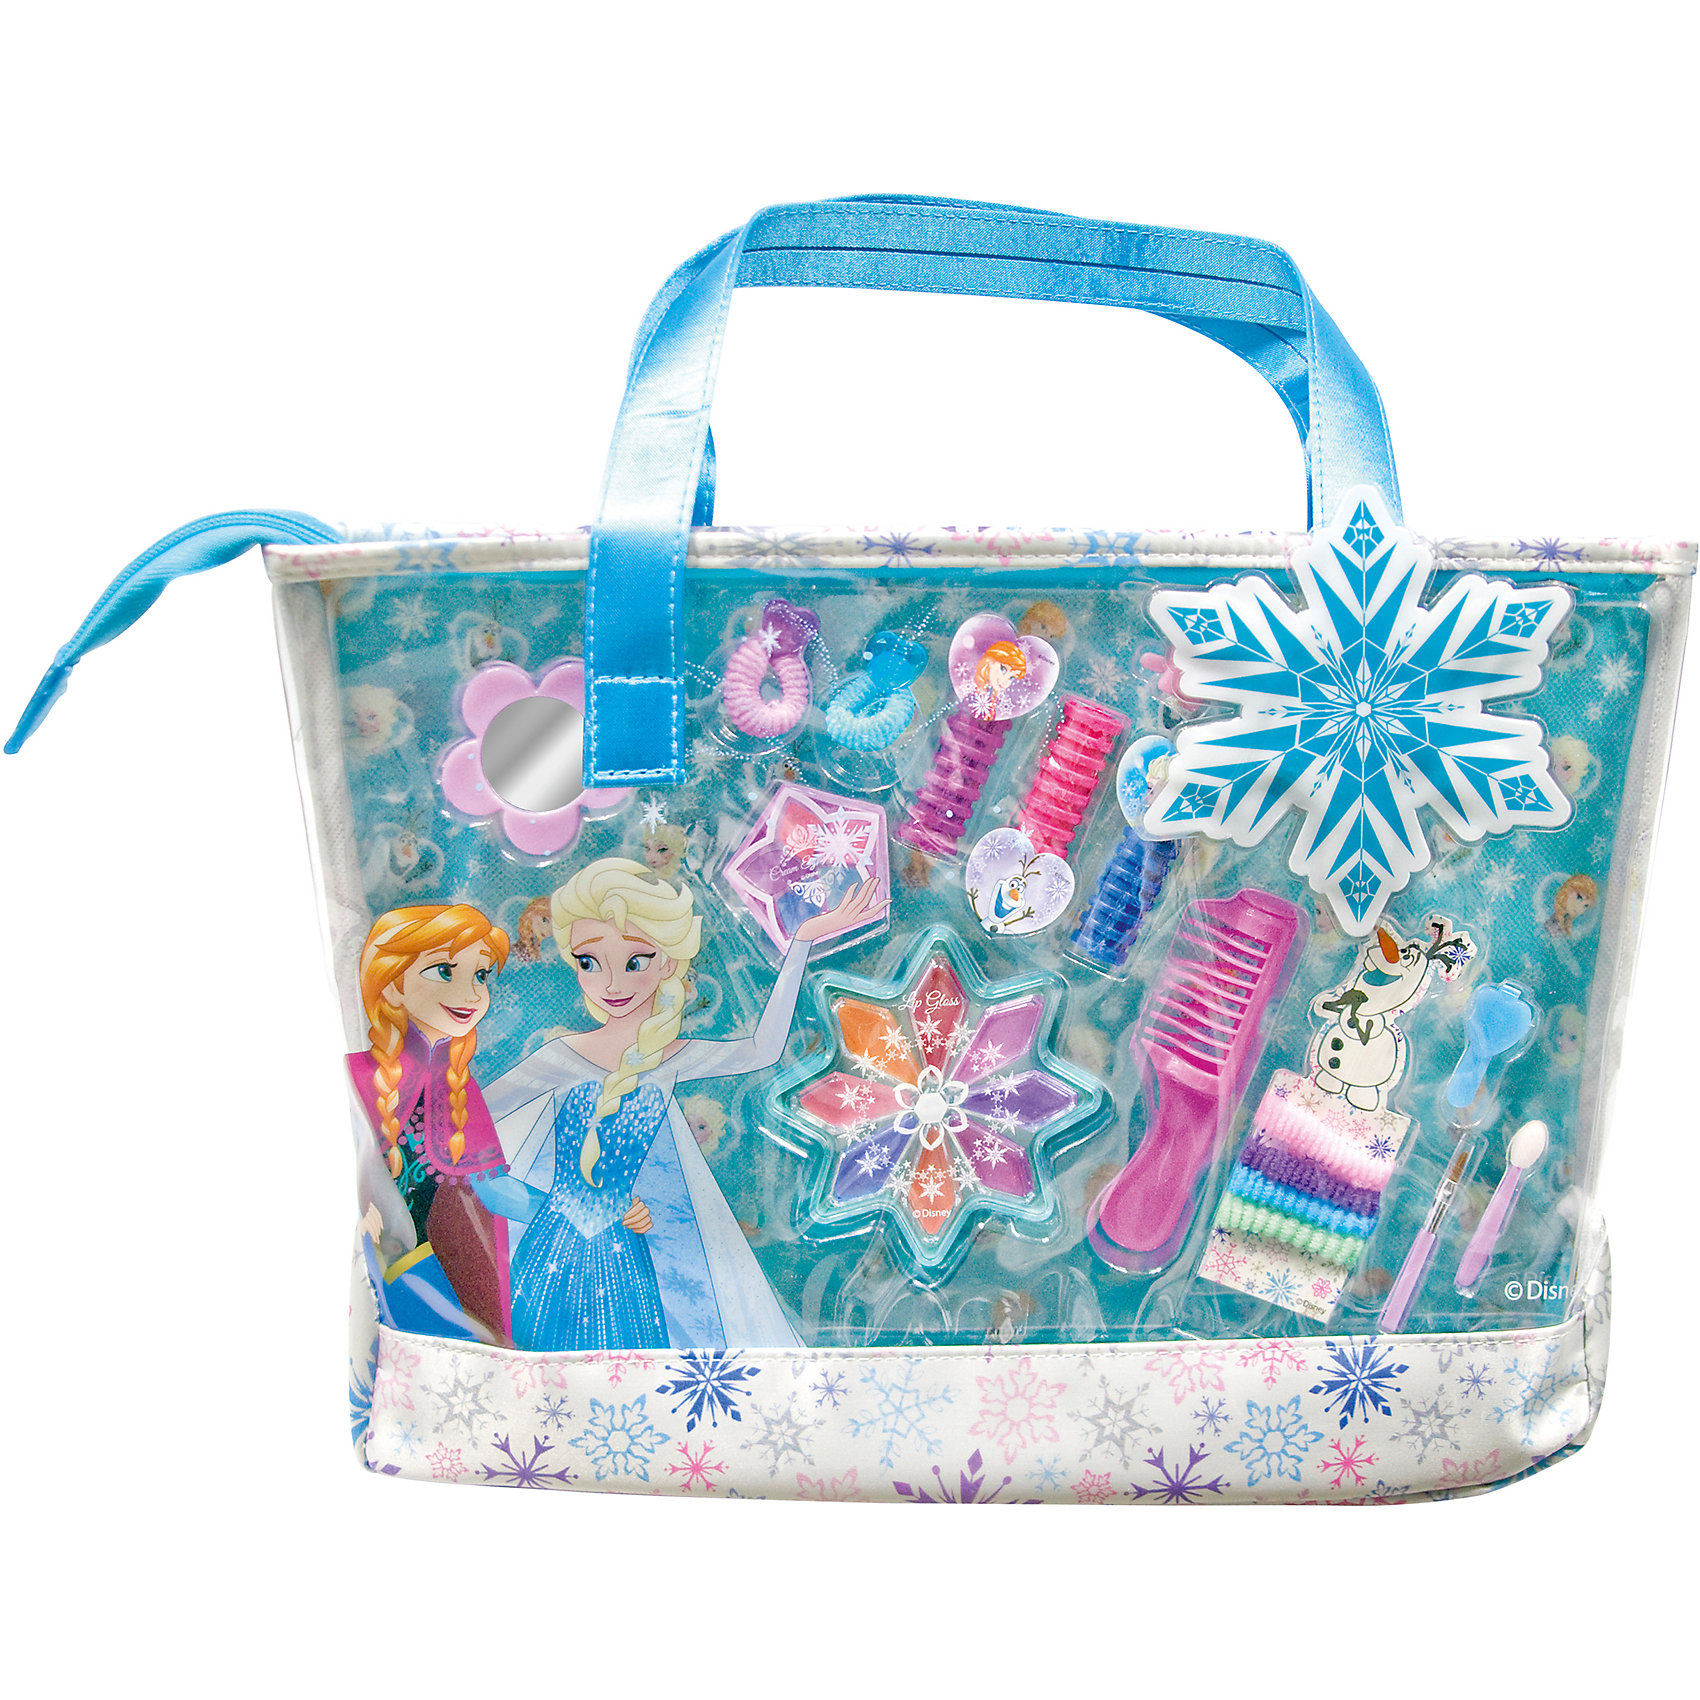 Игровой набор детской декоративной косметики в сумке, Холодное сердце от myToys